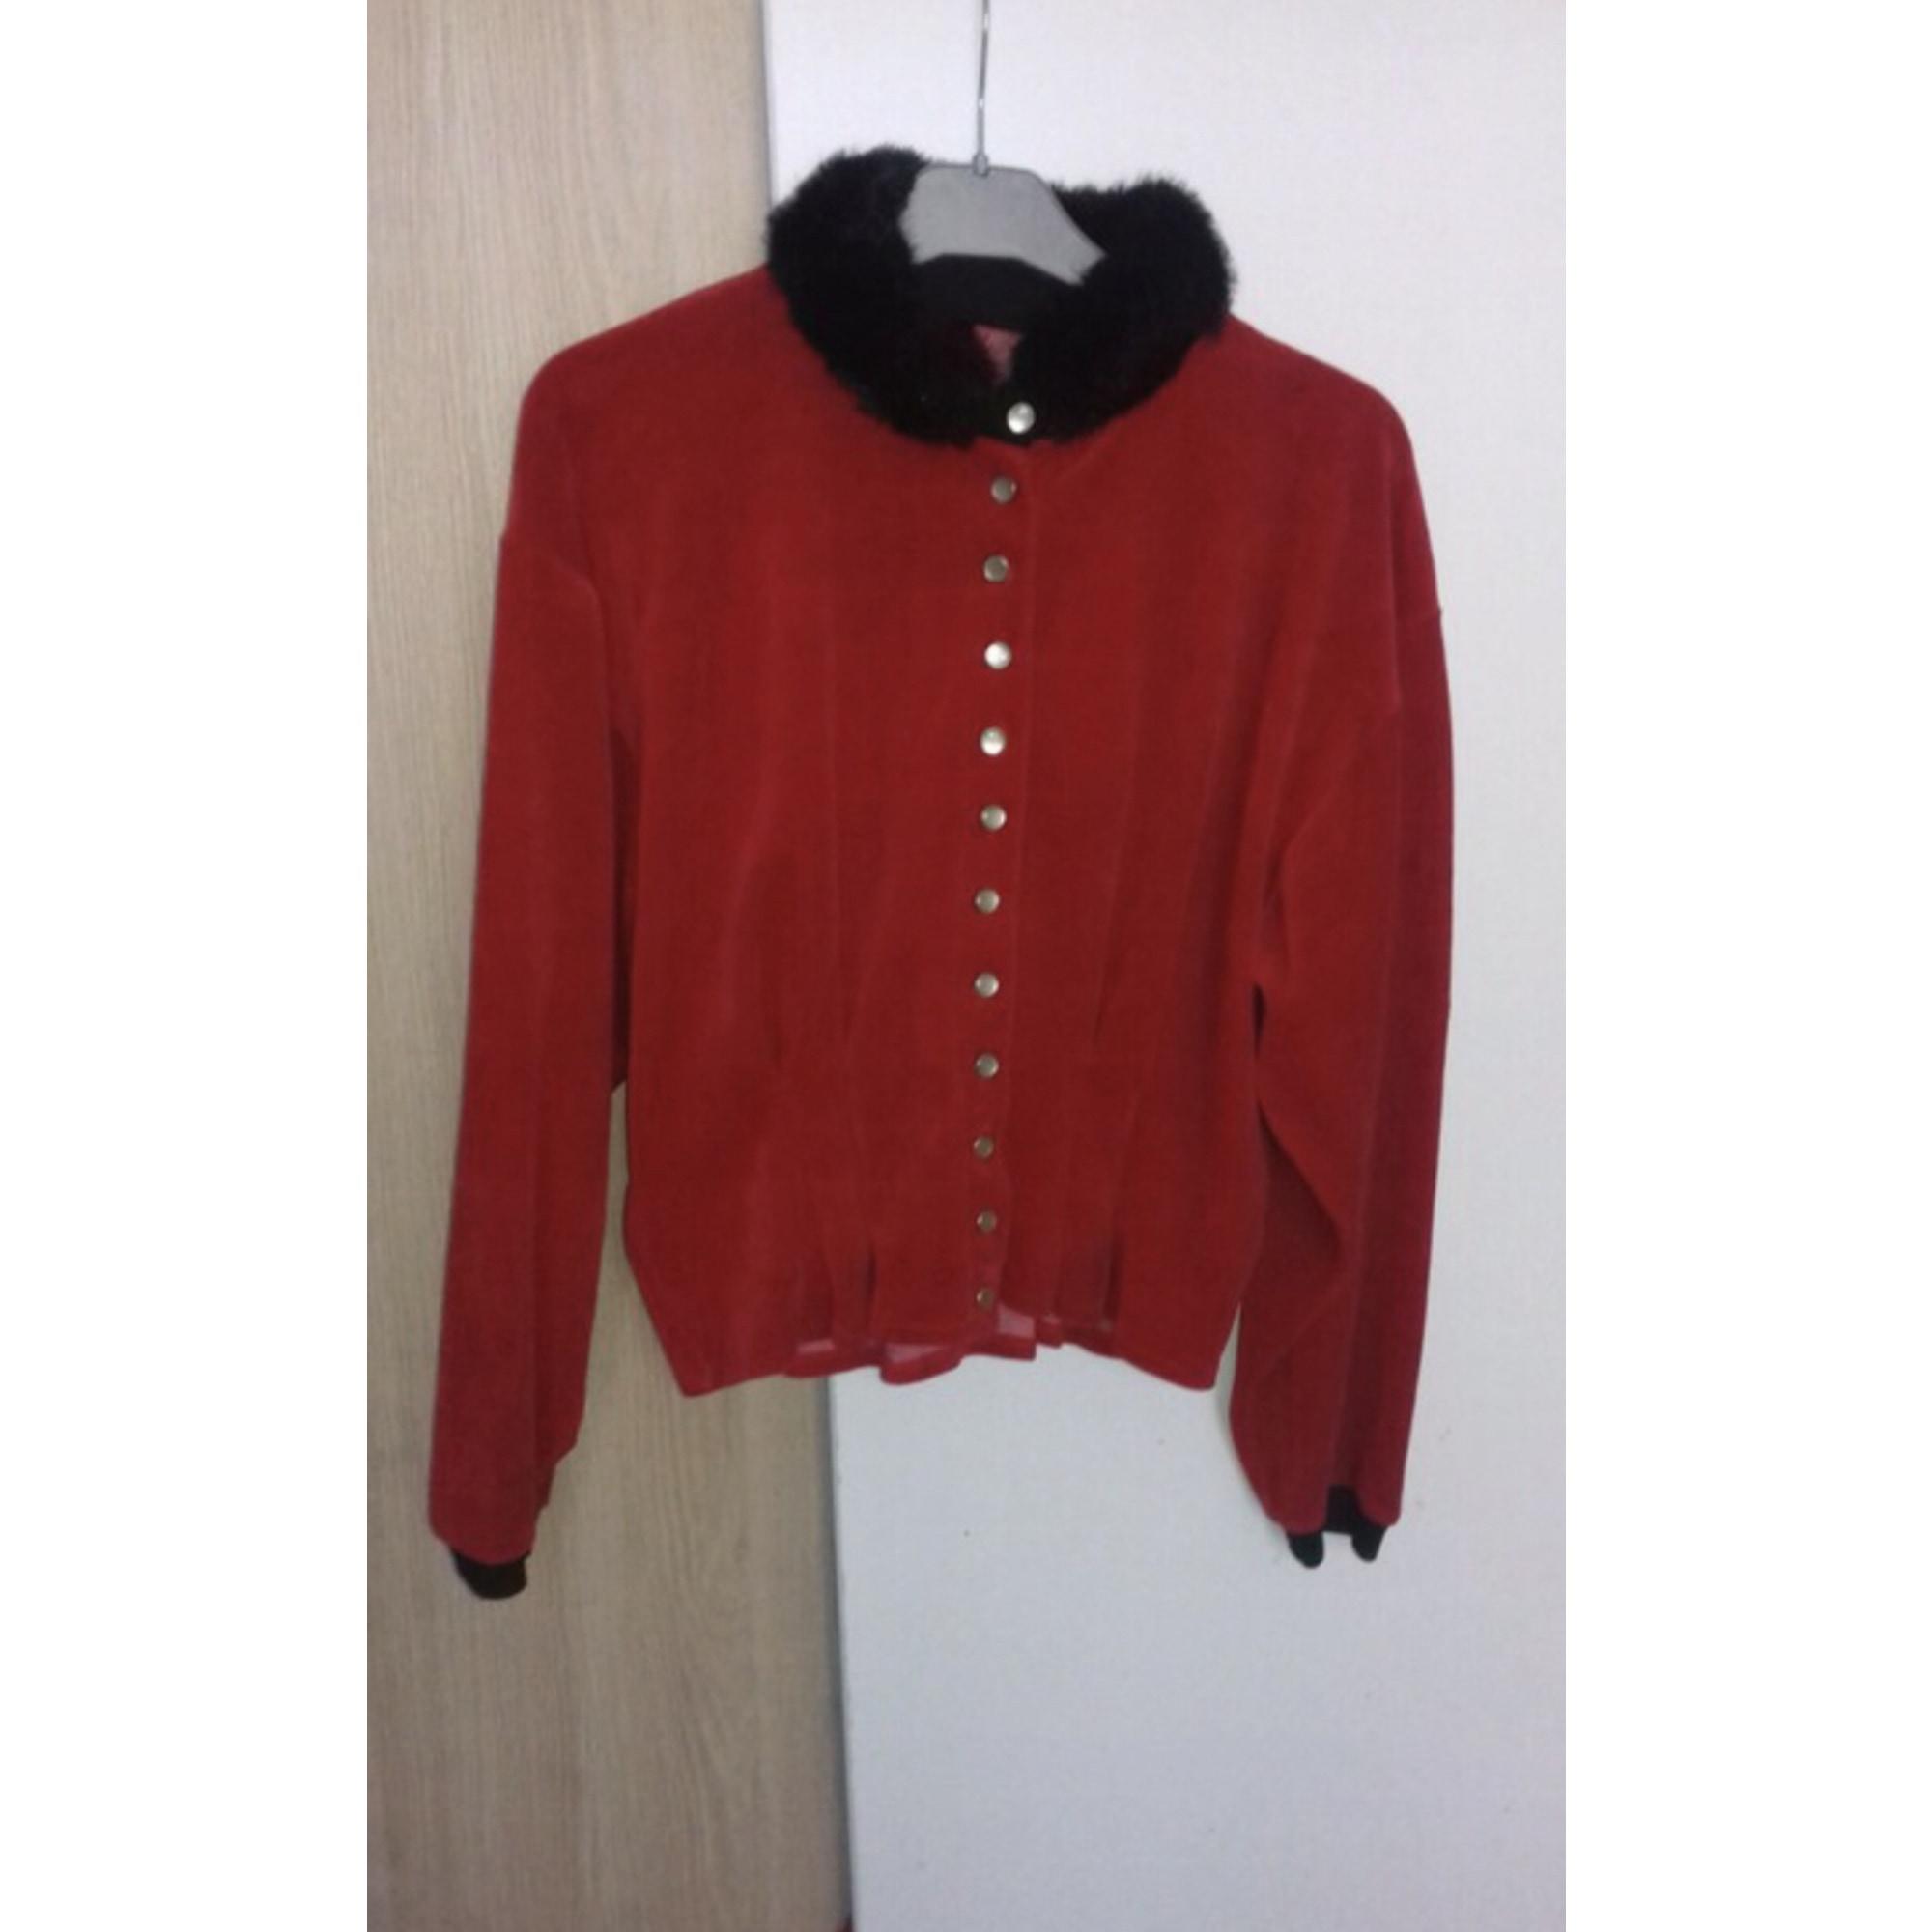 Blouson, veste en fourrure PIMKIE Rouge, bordeaux